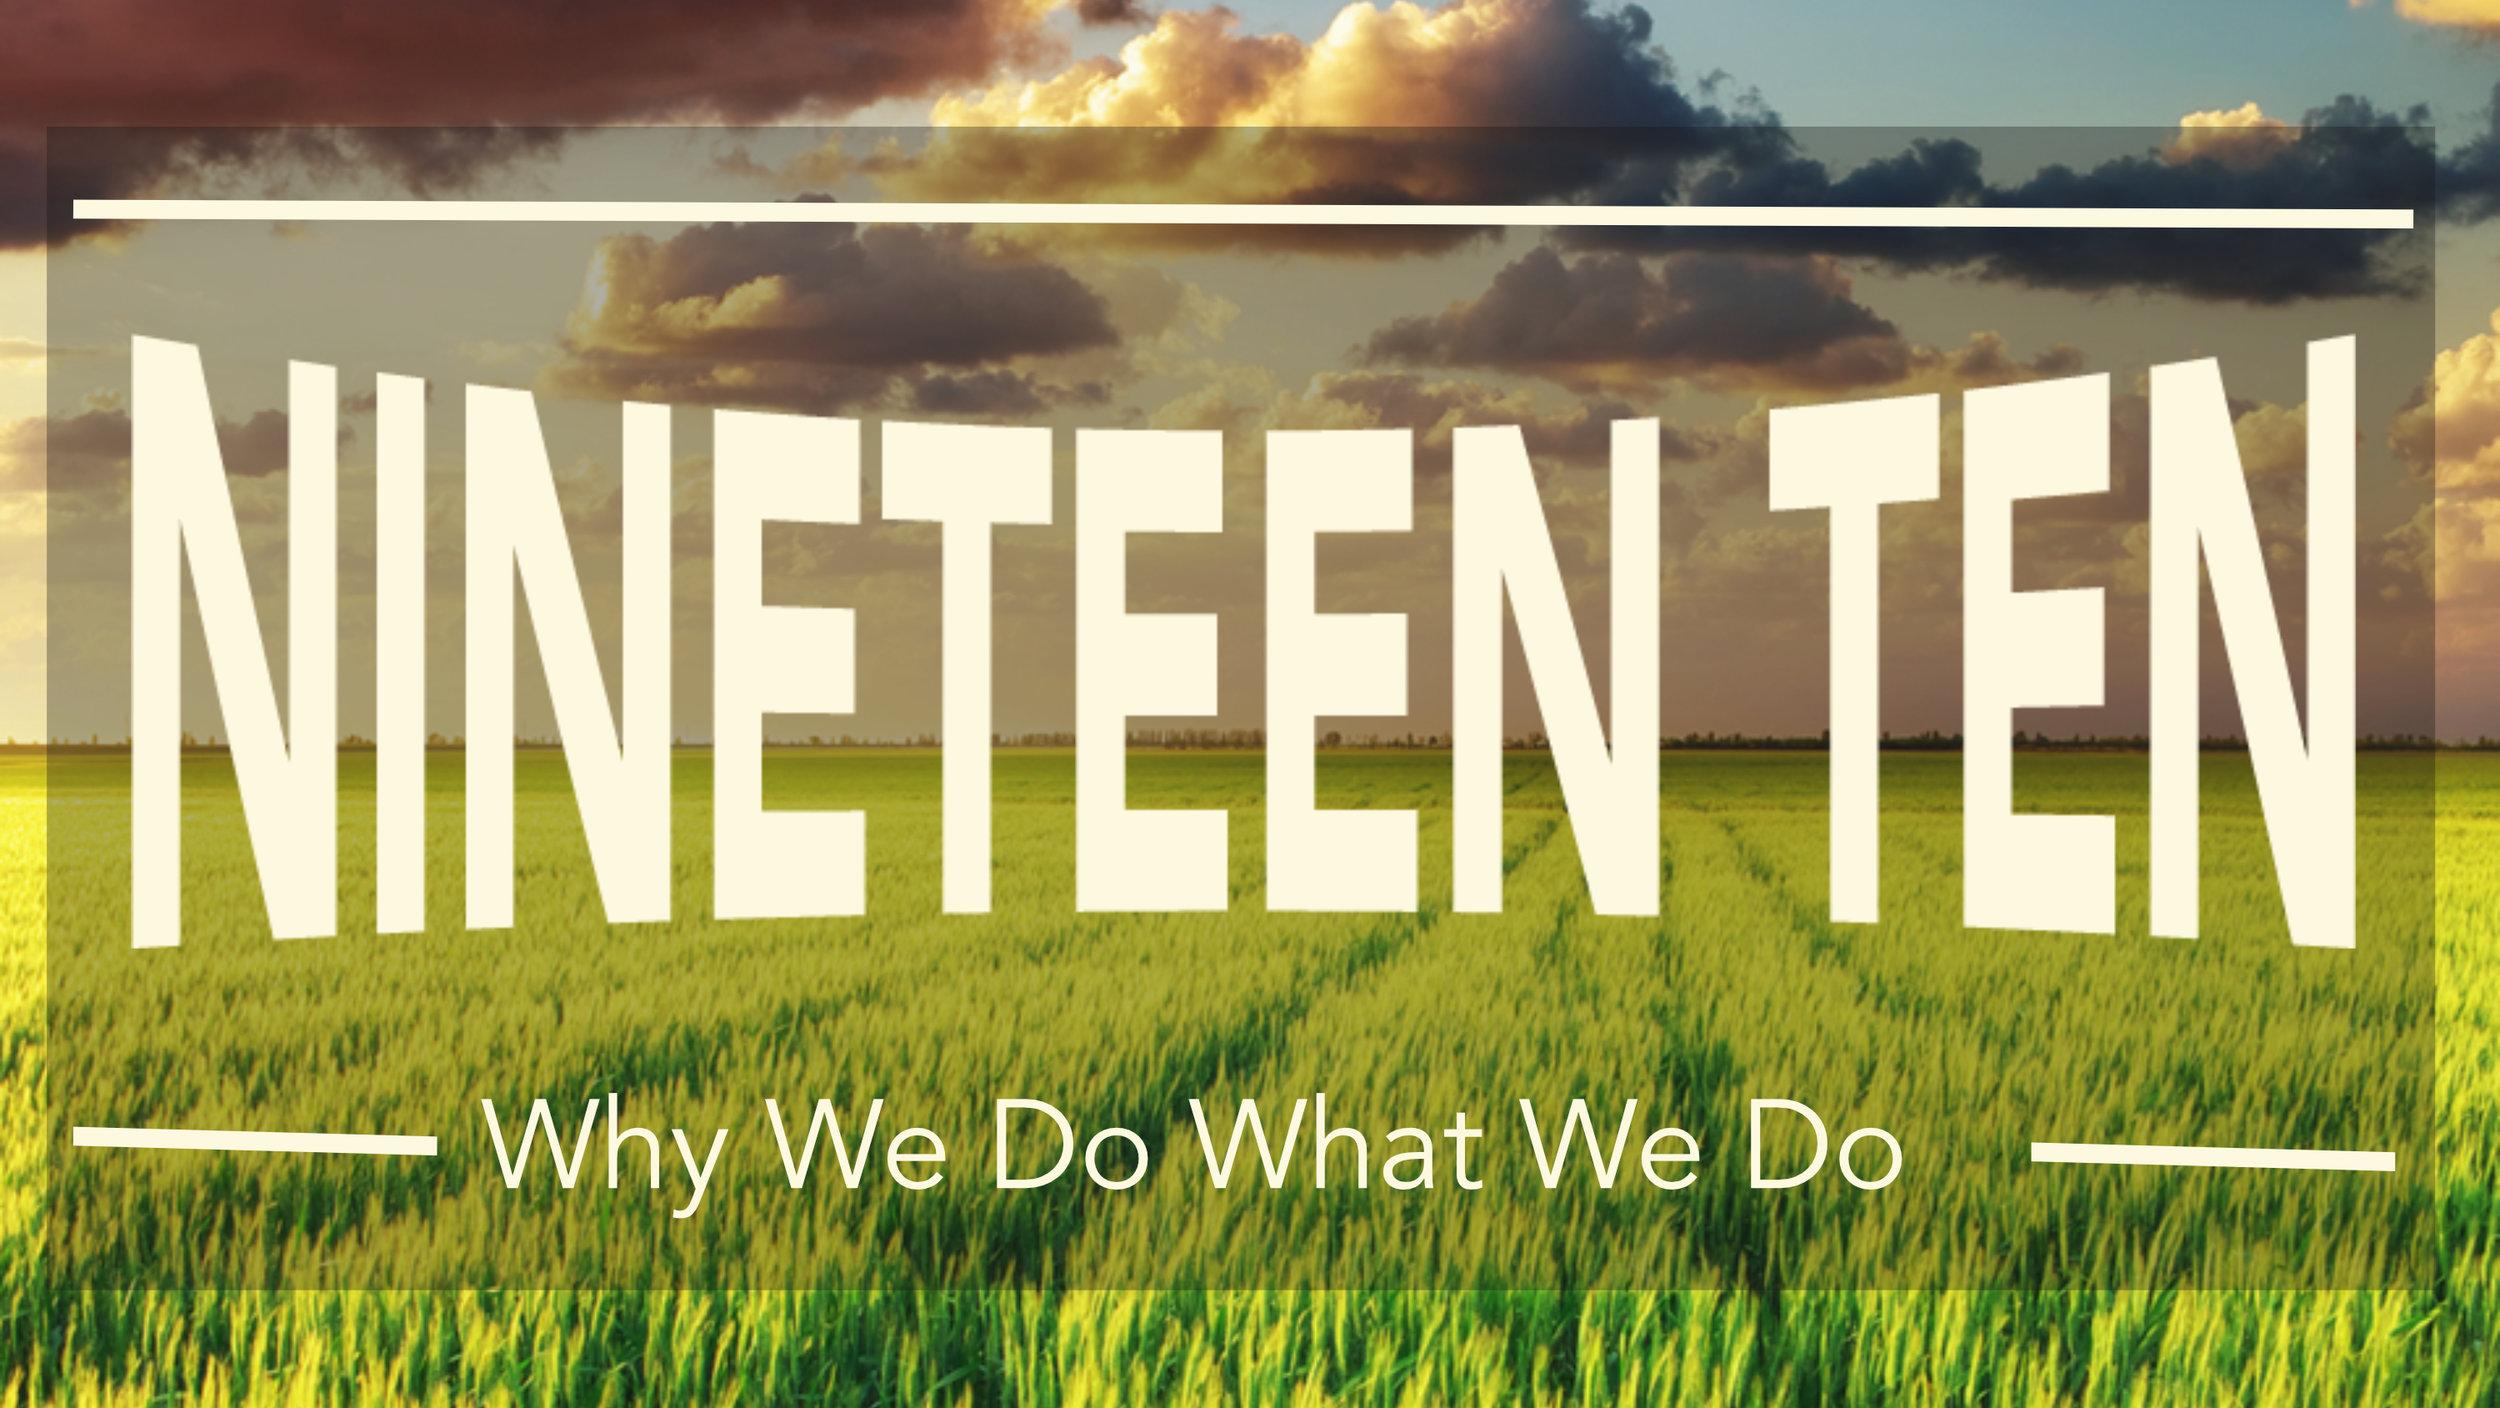 Nineteen Ten